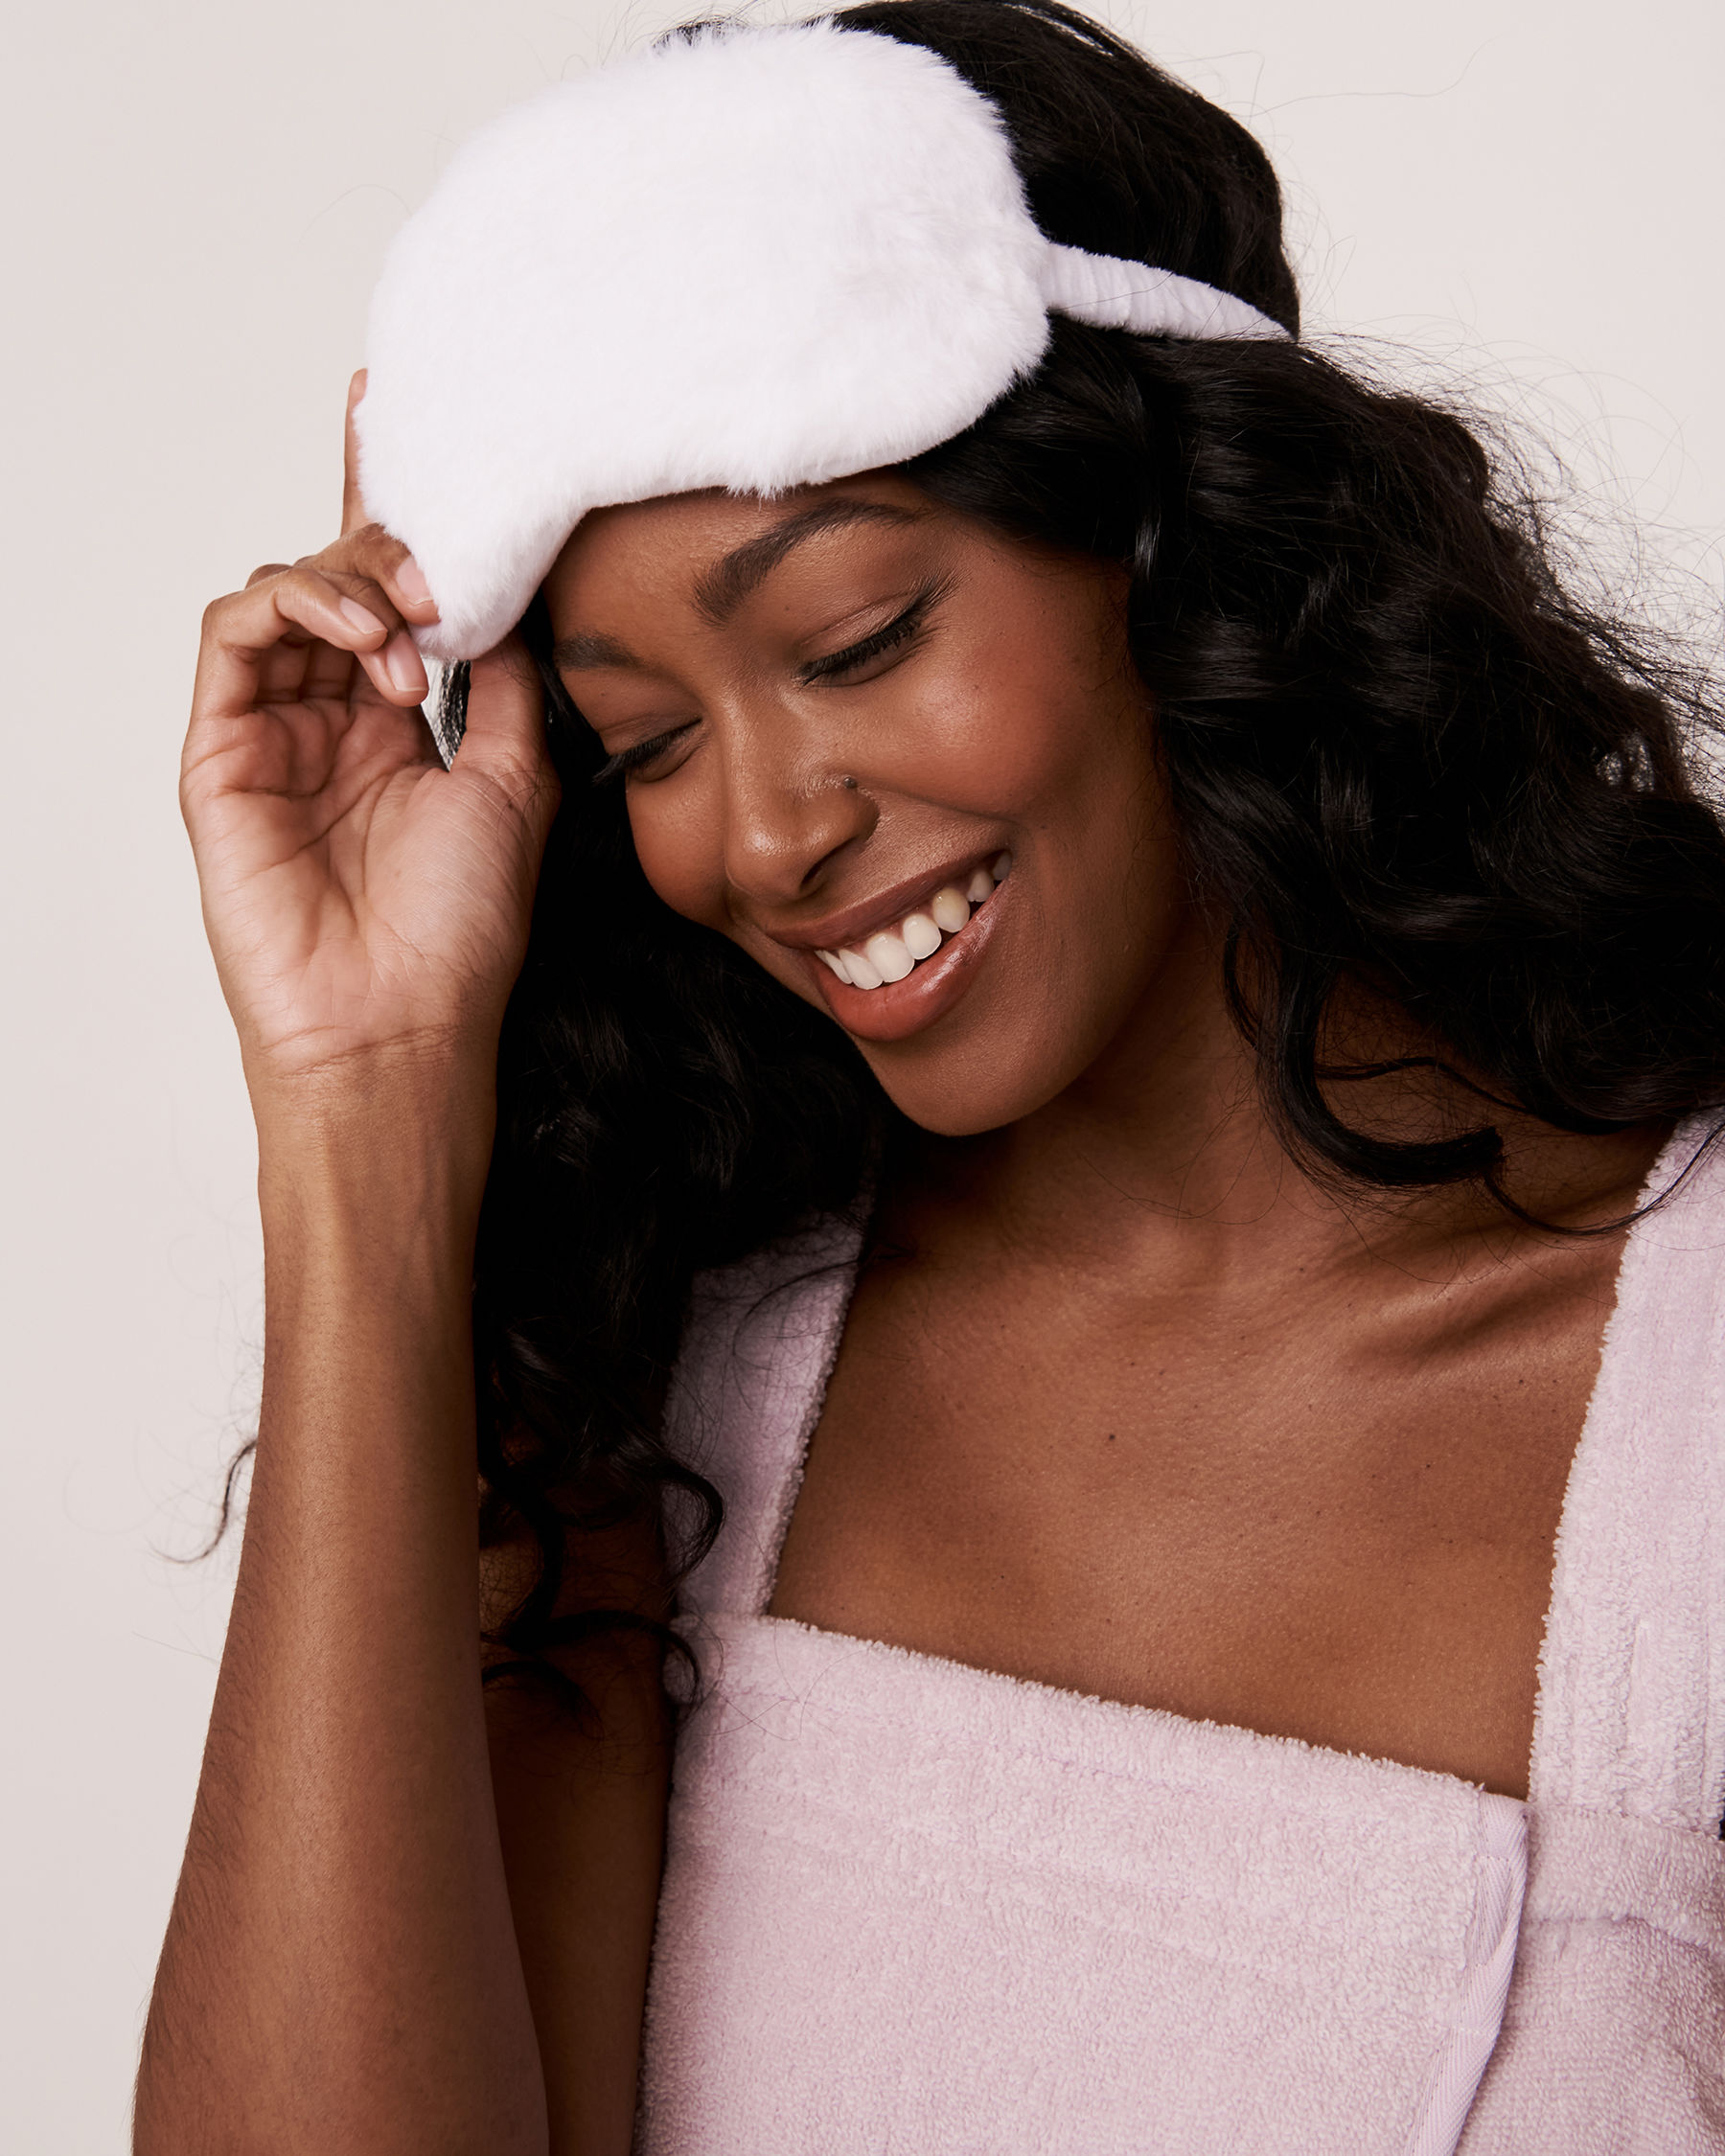 LA VIE EN ROSE Masque de nuit chaud-froid Blanc 40700024 - Voir1